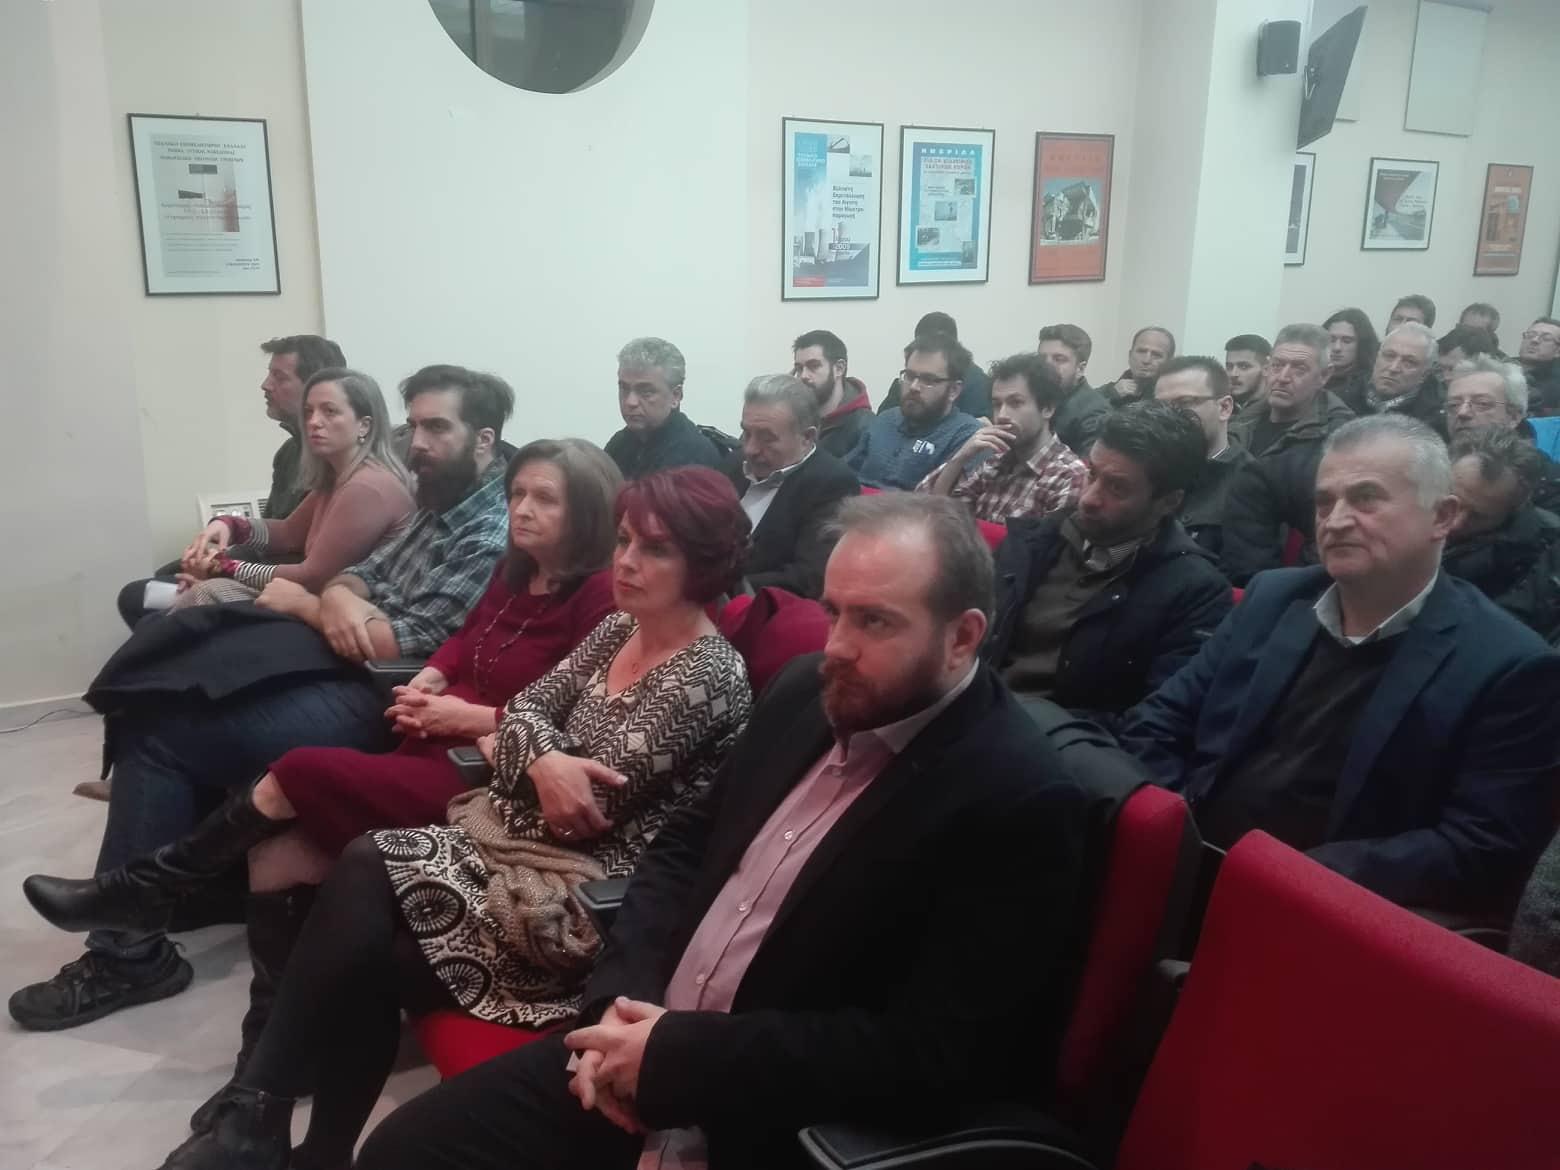 Το ΚΚΕ ανακοίνωσε τους υποψηφίους του στην Περιφέρεια και στους δήμους της Δ. Μακεδονίας: Ο Θανάσης Χαστάς υποψήφιος Περιφερειάρχης Δ. Μακεδονίας με το ΚΚΕ – O Nόντας Στολτίδης, υποψήφιος δήμαρχος Κοζάνης – Ποιοι οι άλλοι υποψήφιοι σε Εορδαία, Σέρβια – Βελβεντό, Βόιο, καθώς και στους υπολοίπους δήμους της Δ. Μακεδονίας